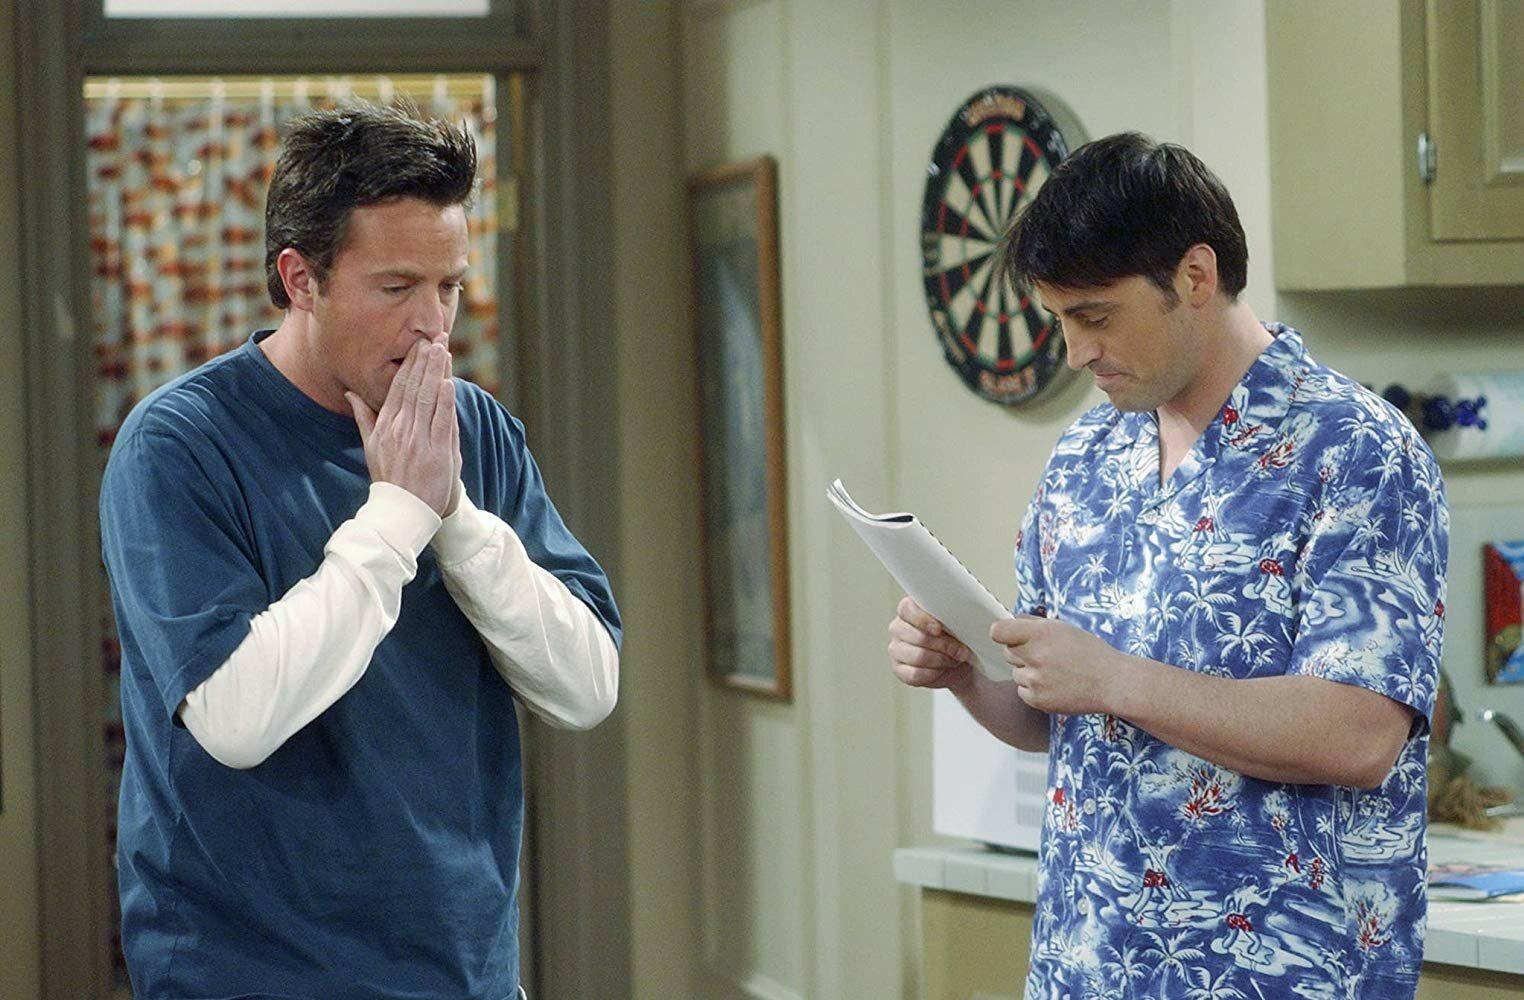 Z kim w serialu Chandler był najczęściej w związku?